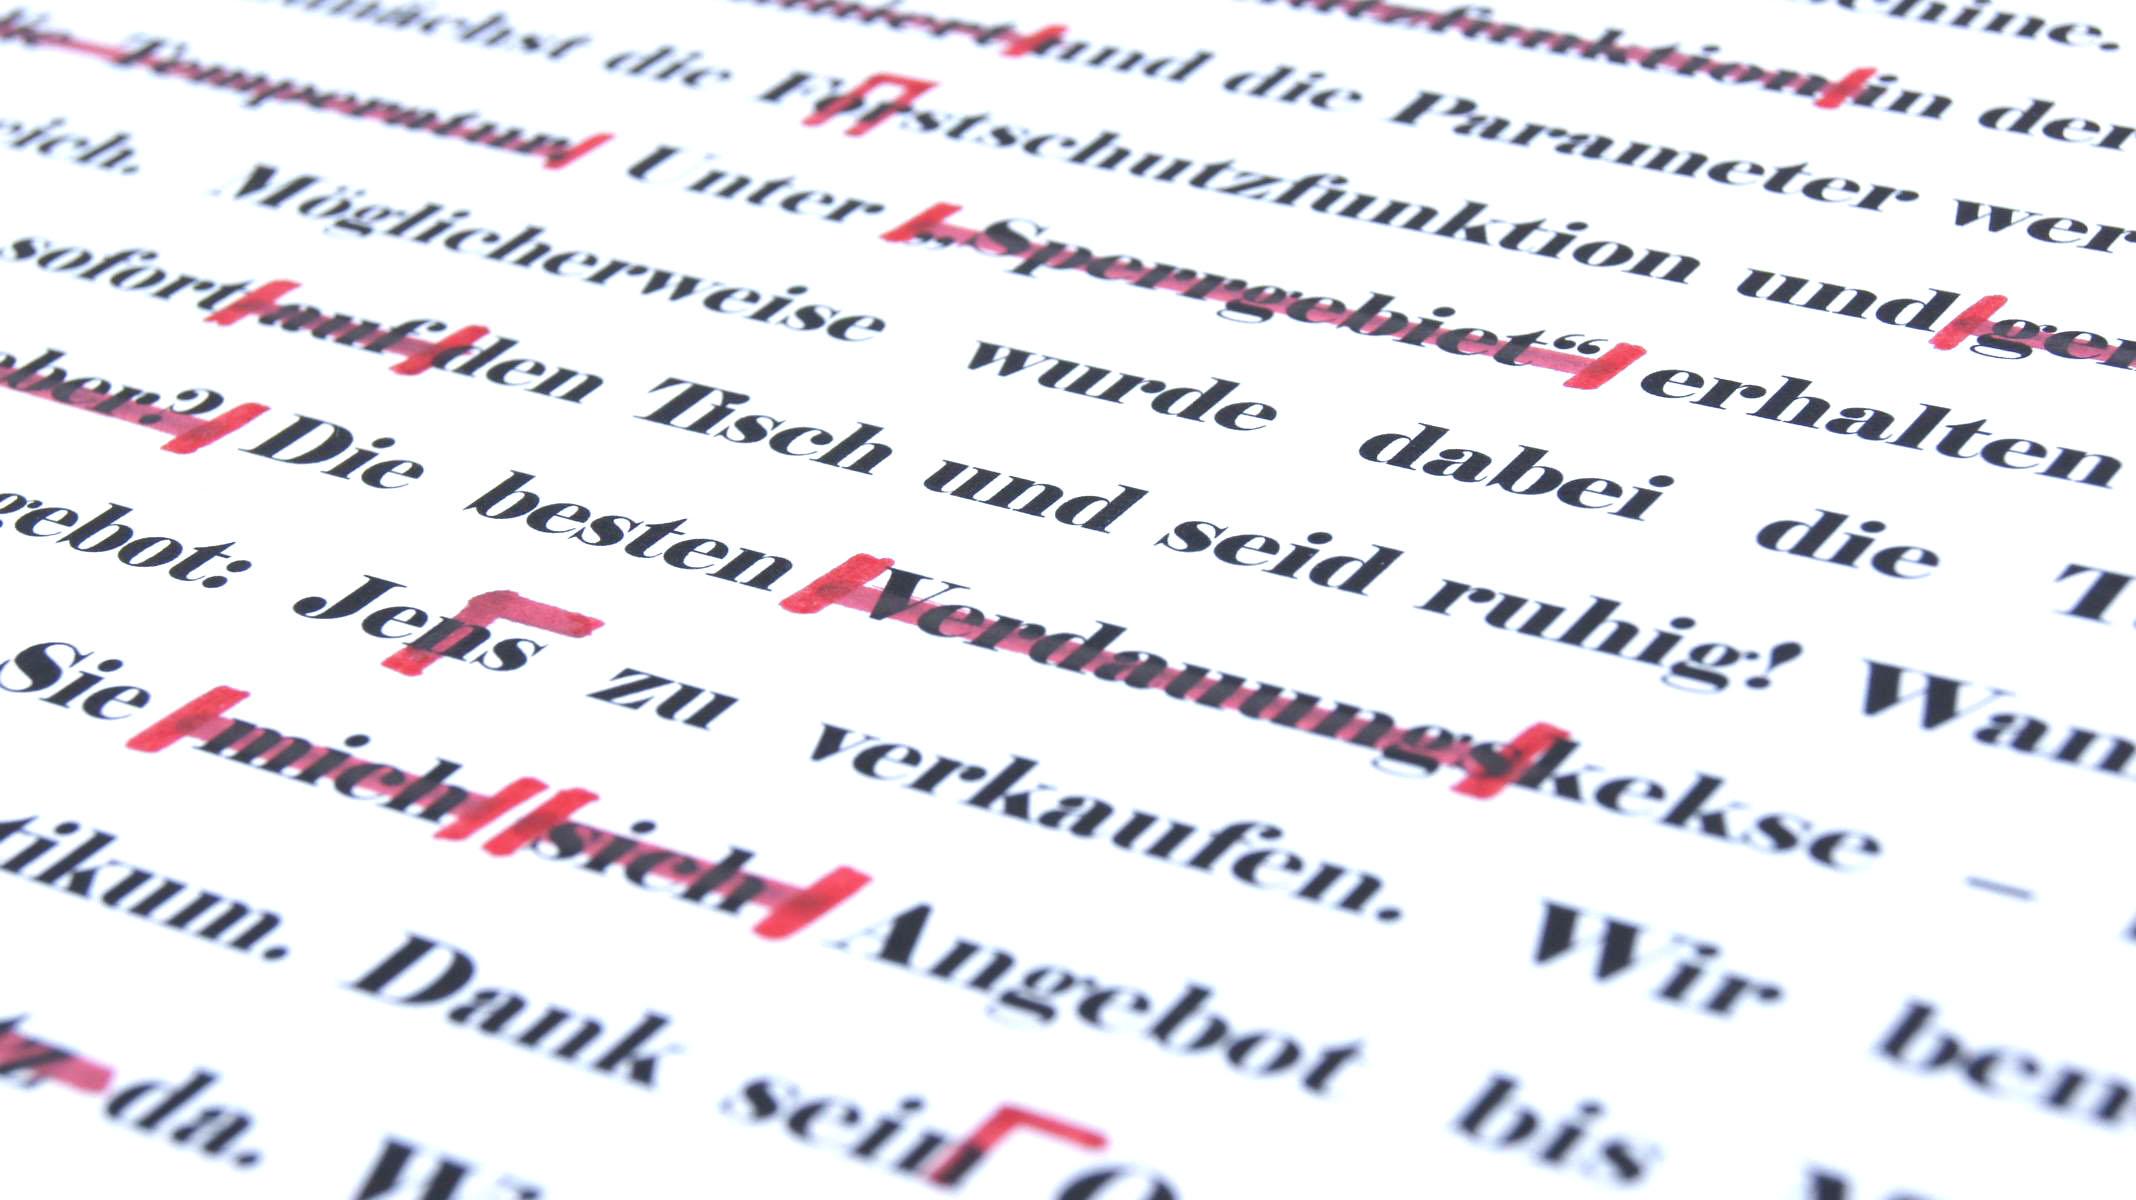 bild korrektorat lektorat textbeispiel gegenlesen lassen korrekturleser